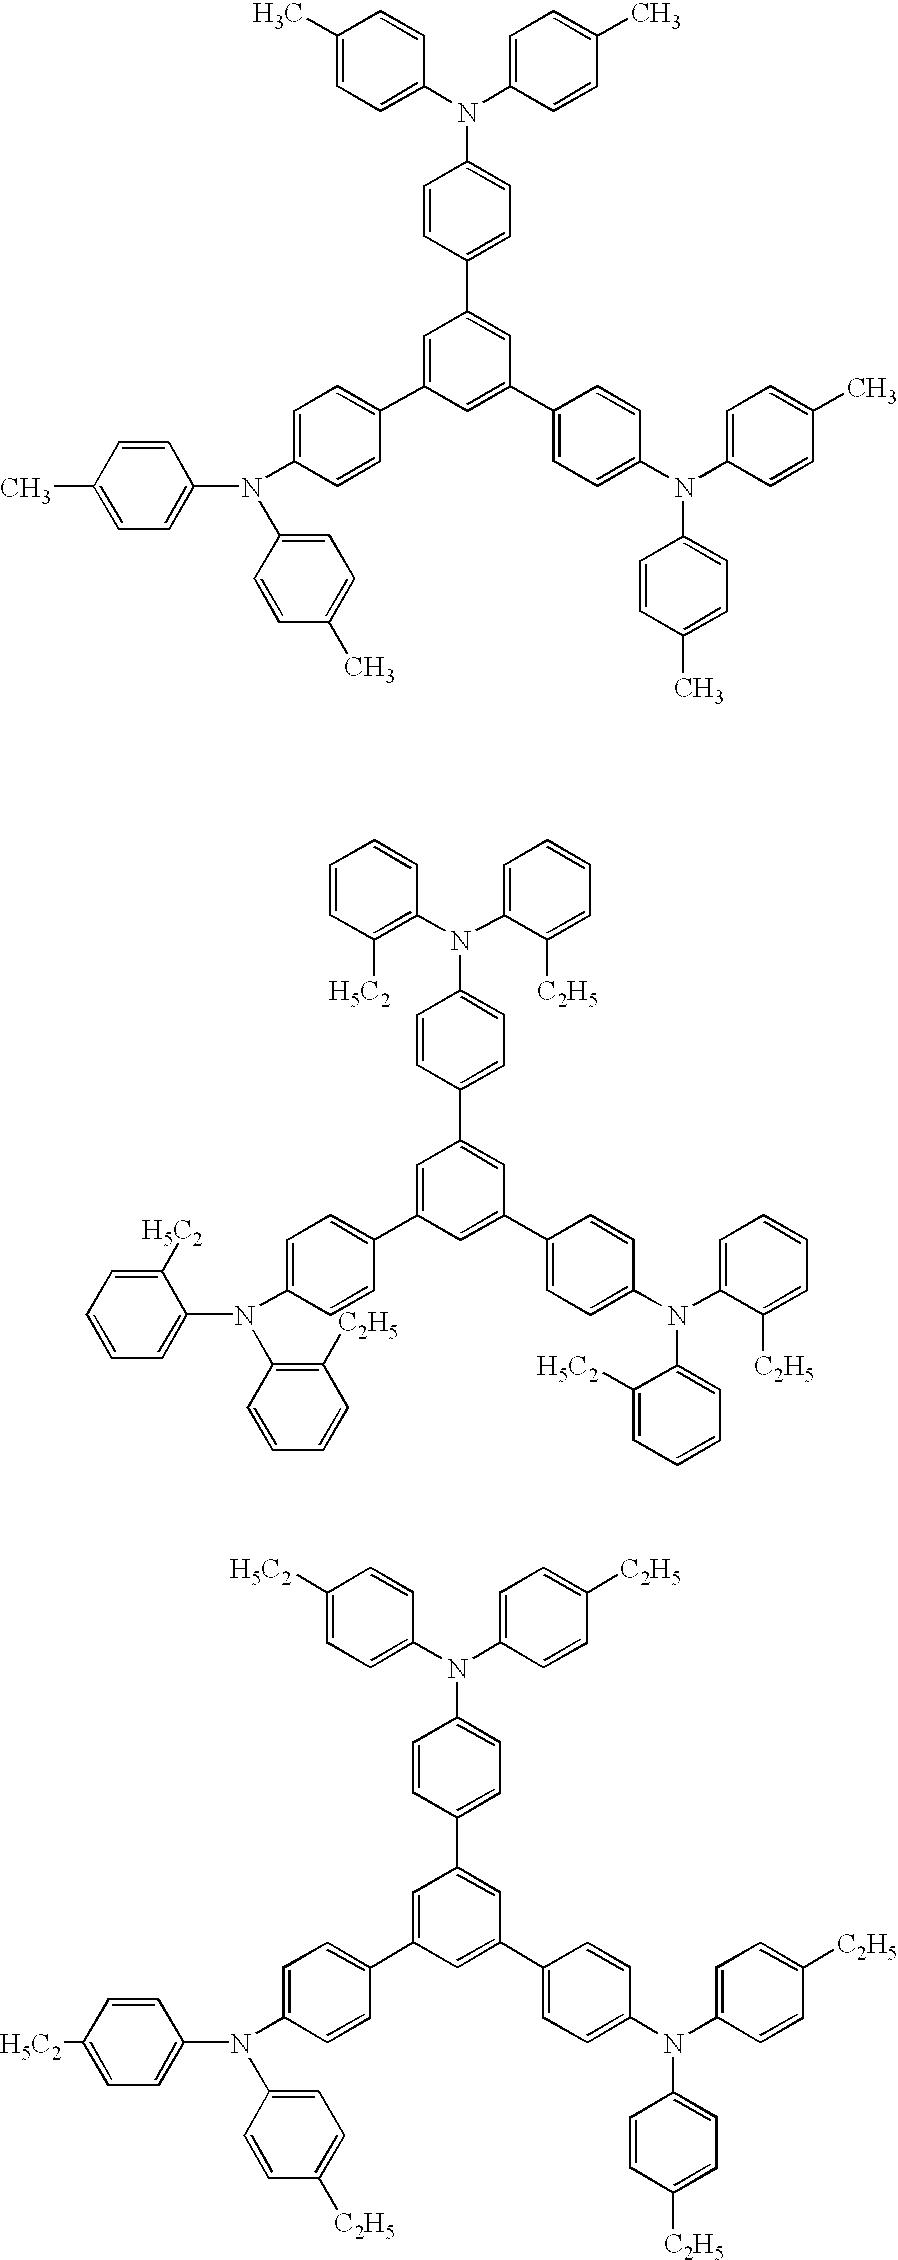 Figure US06541128-20030401-C00003